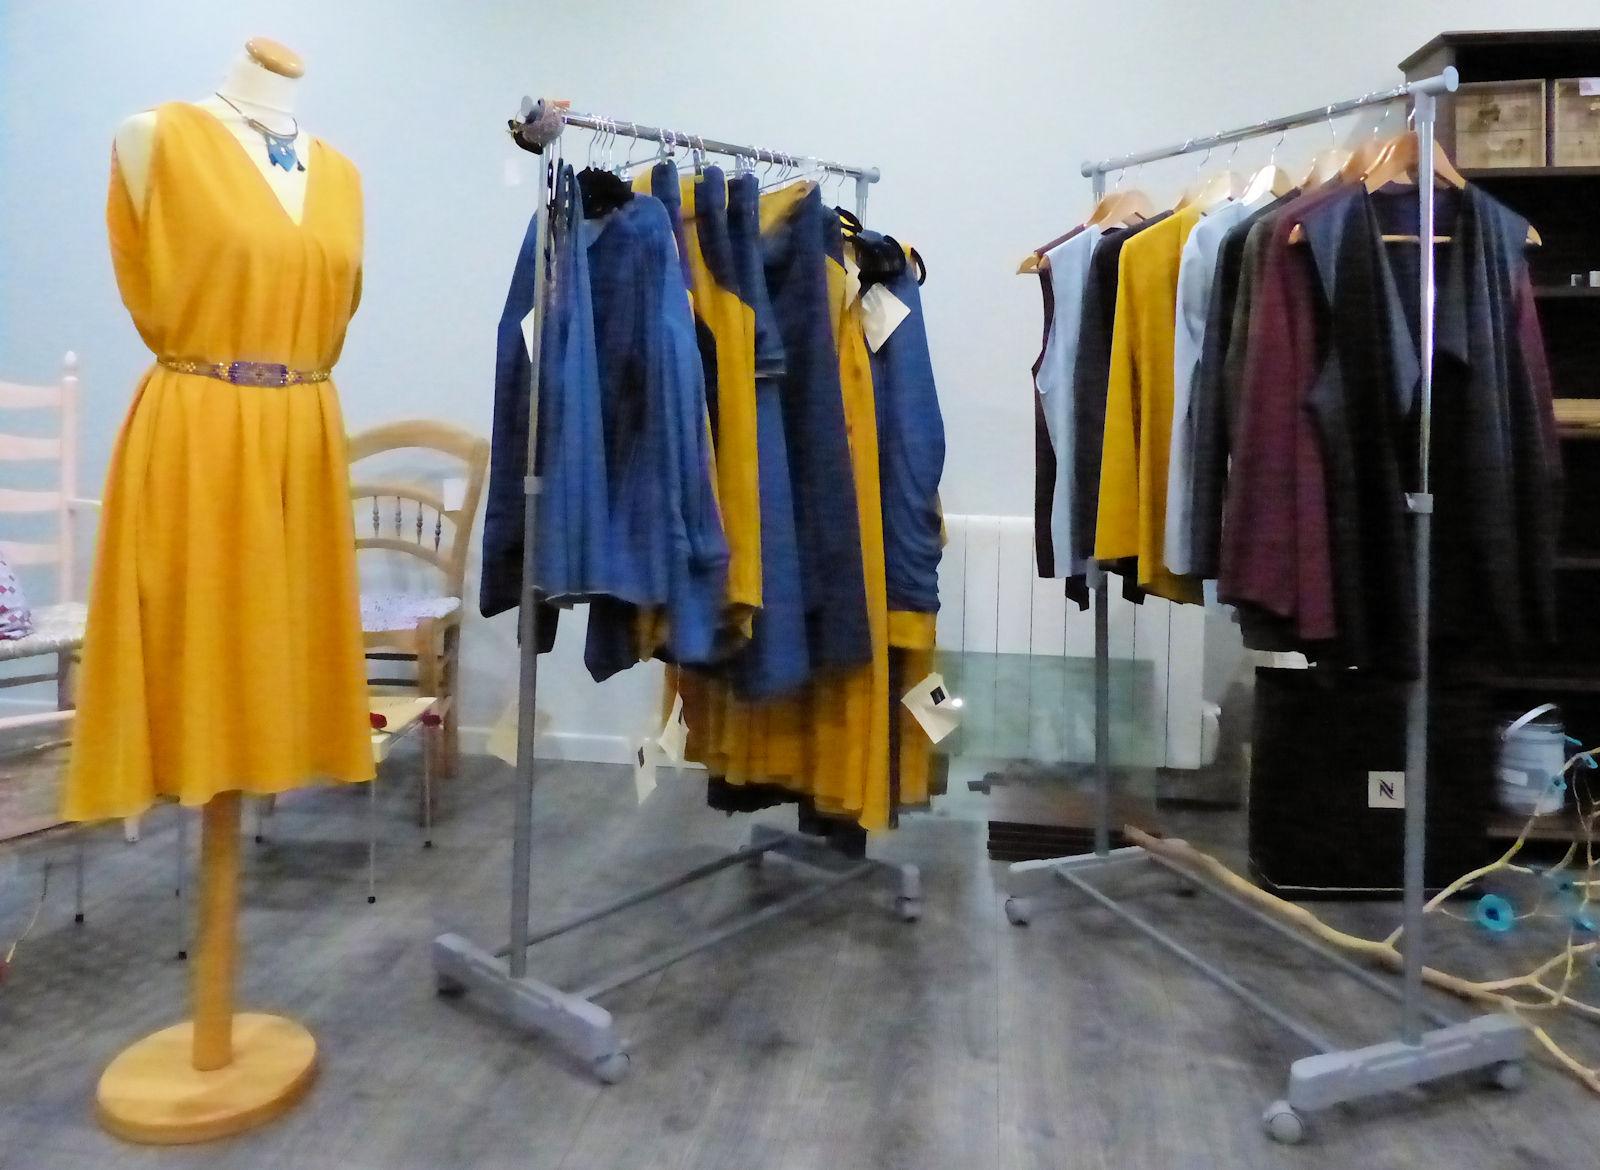 L'Atelier CréaCoeur Tourcoing - Vêtements artisanaux originaux